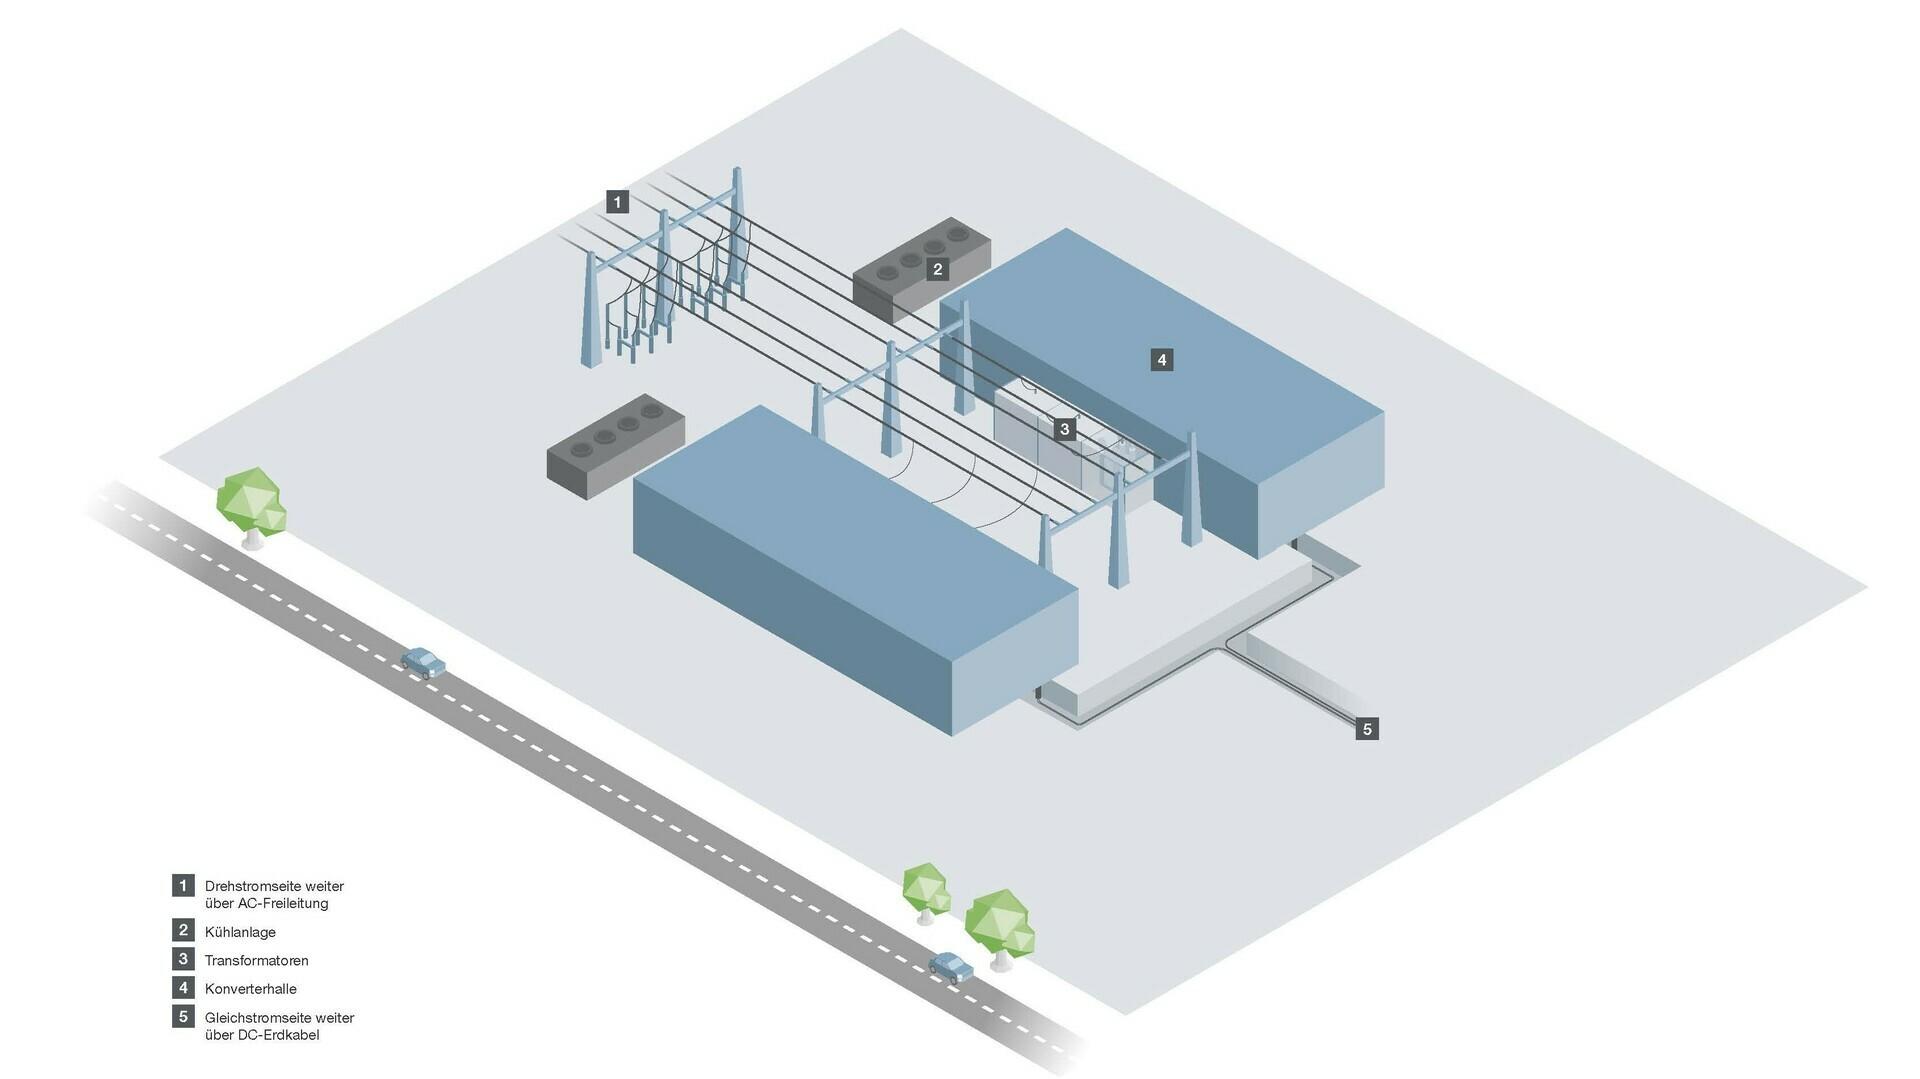 Der schematische Aufbau einer Konverter-Anlage (Platzhalter)